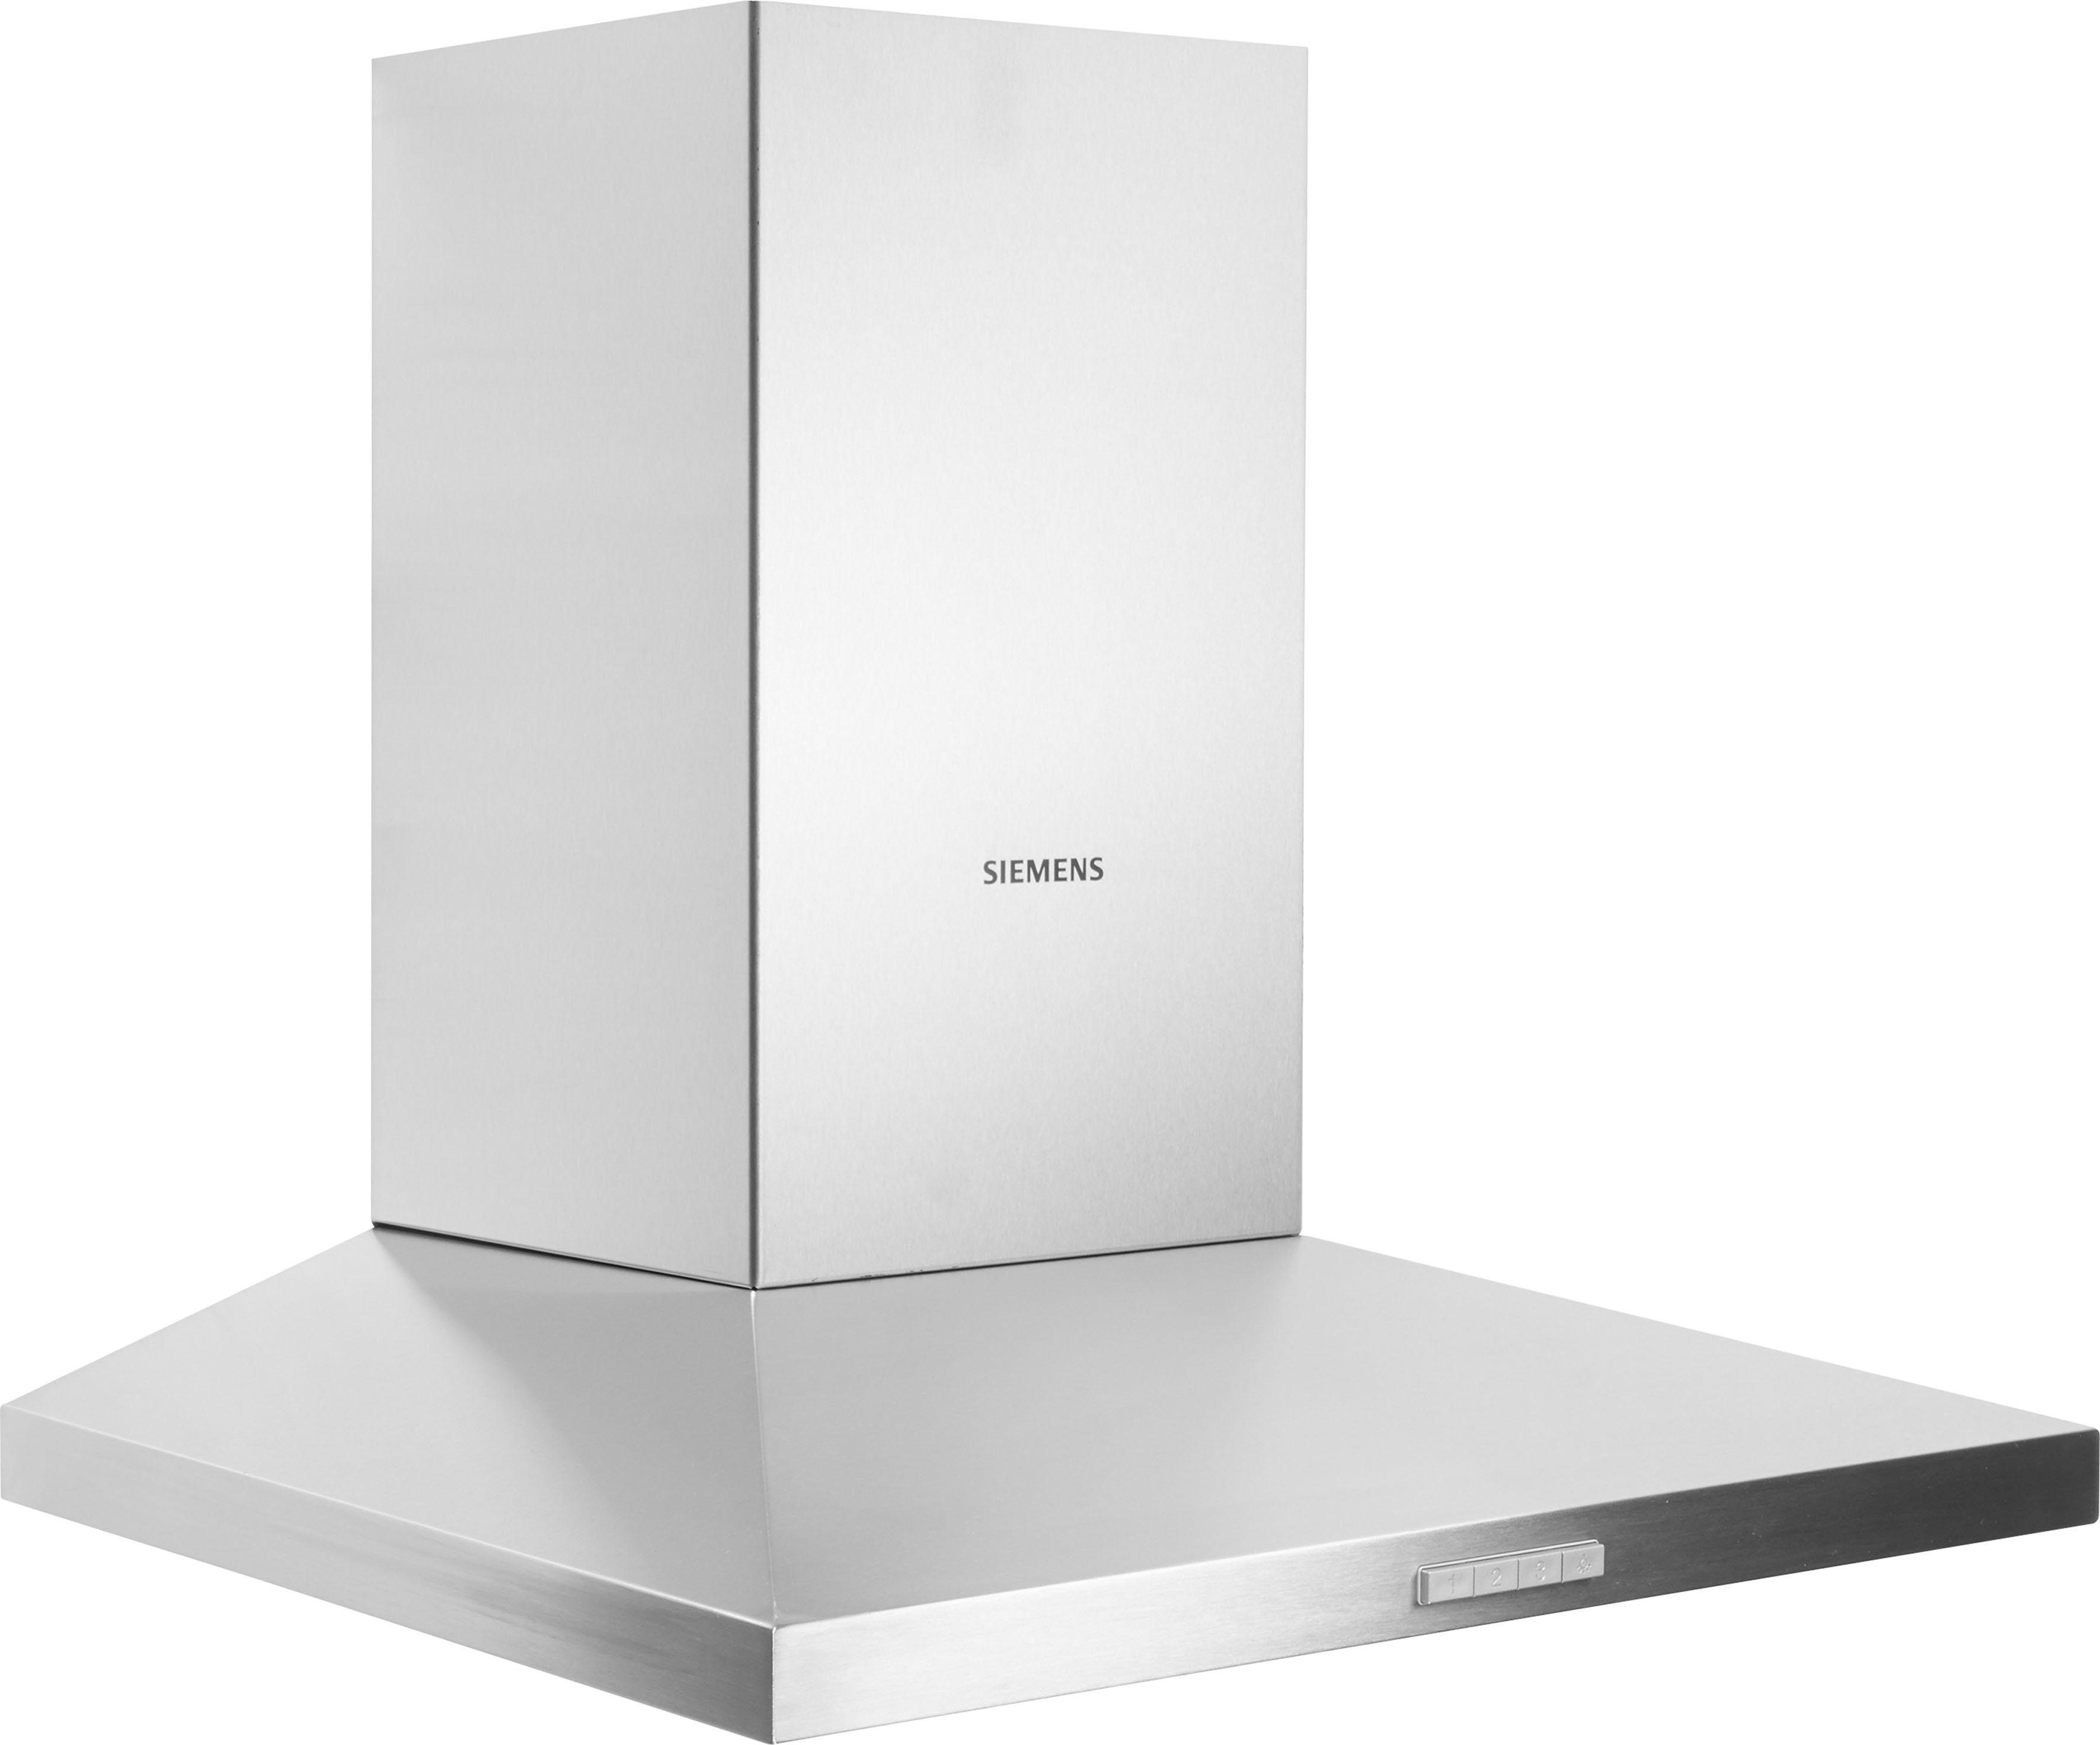 Siemens wandhaube lc qbc online kaufen otto